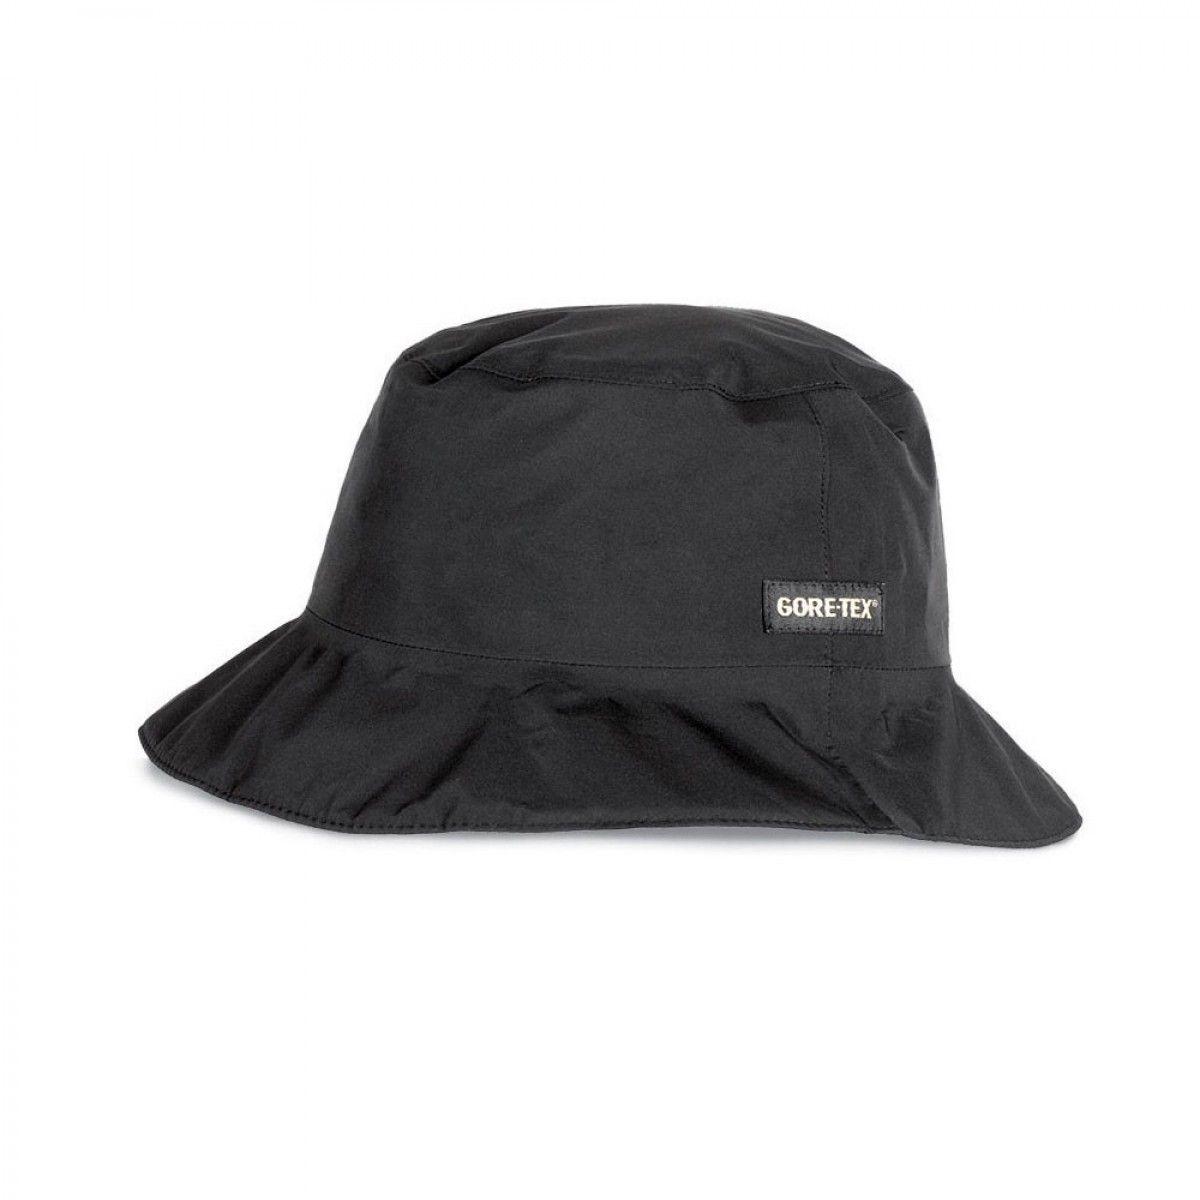 dbffd98dd09 Zero Restriction Gore-Tex Bucket Hat from  golfskipin